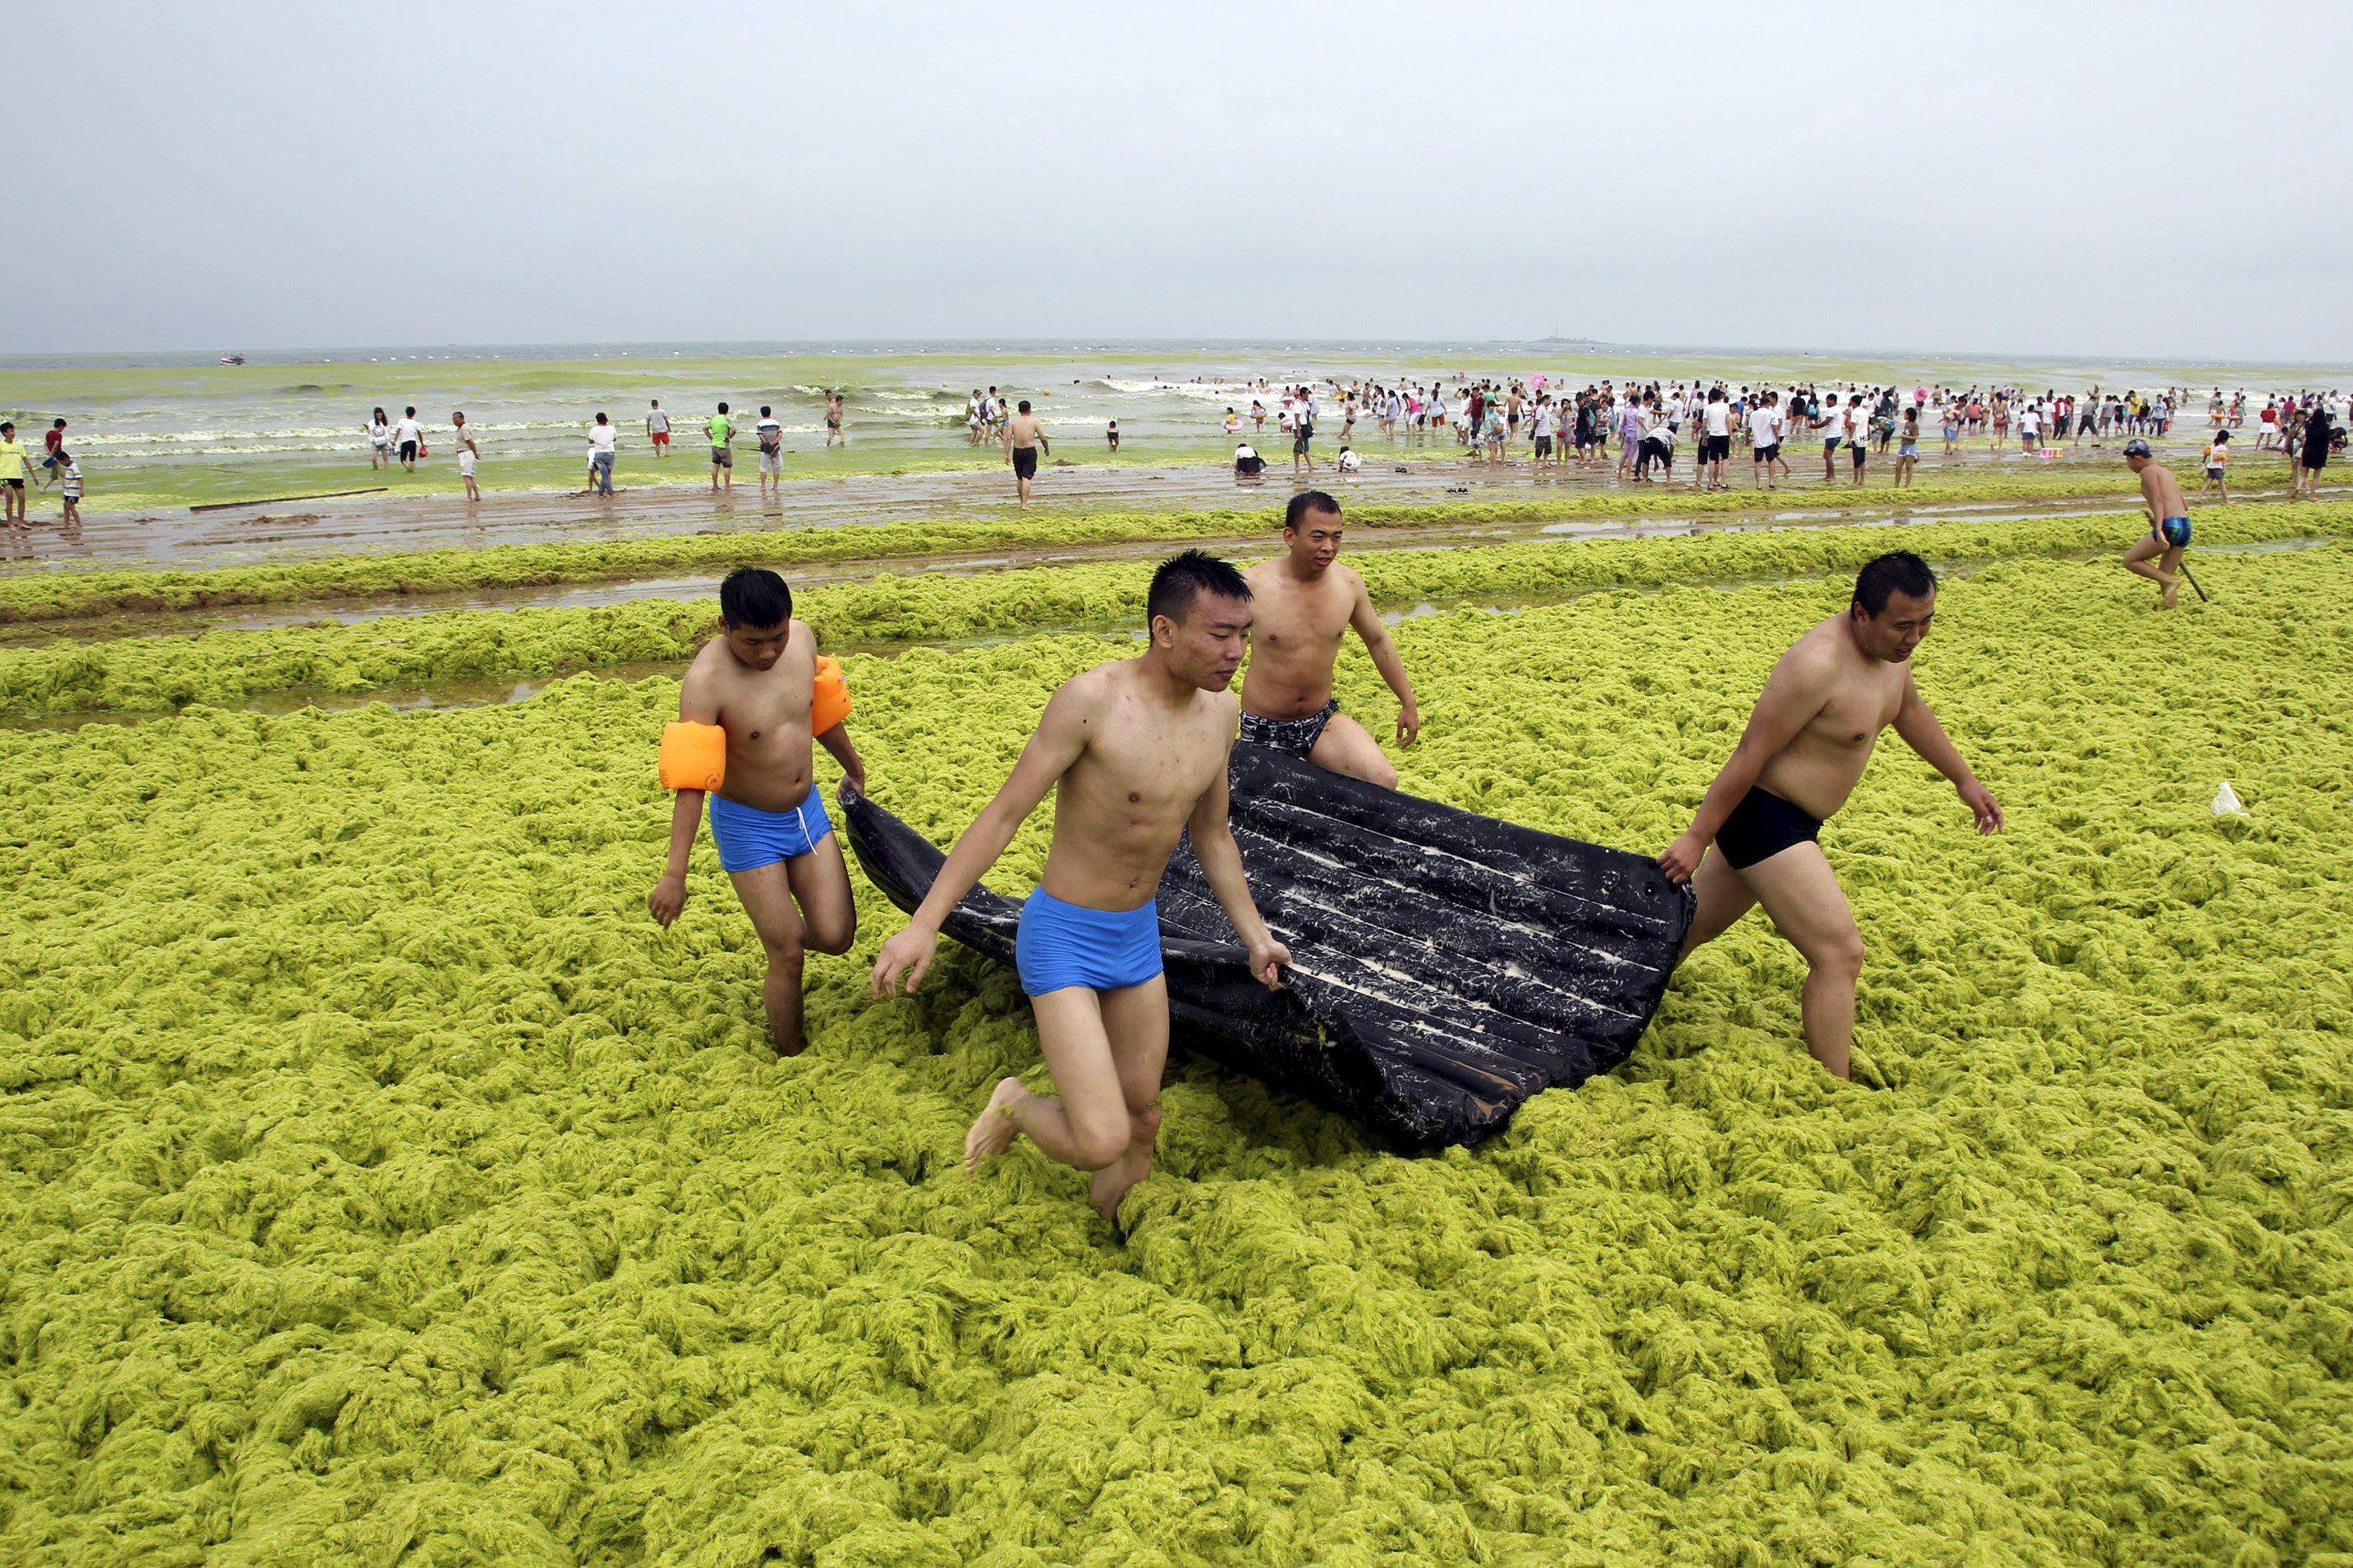 Jovens se embrenham em algas para chegar até o mar / Reuters